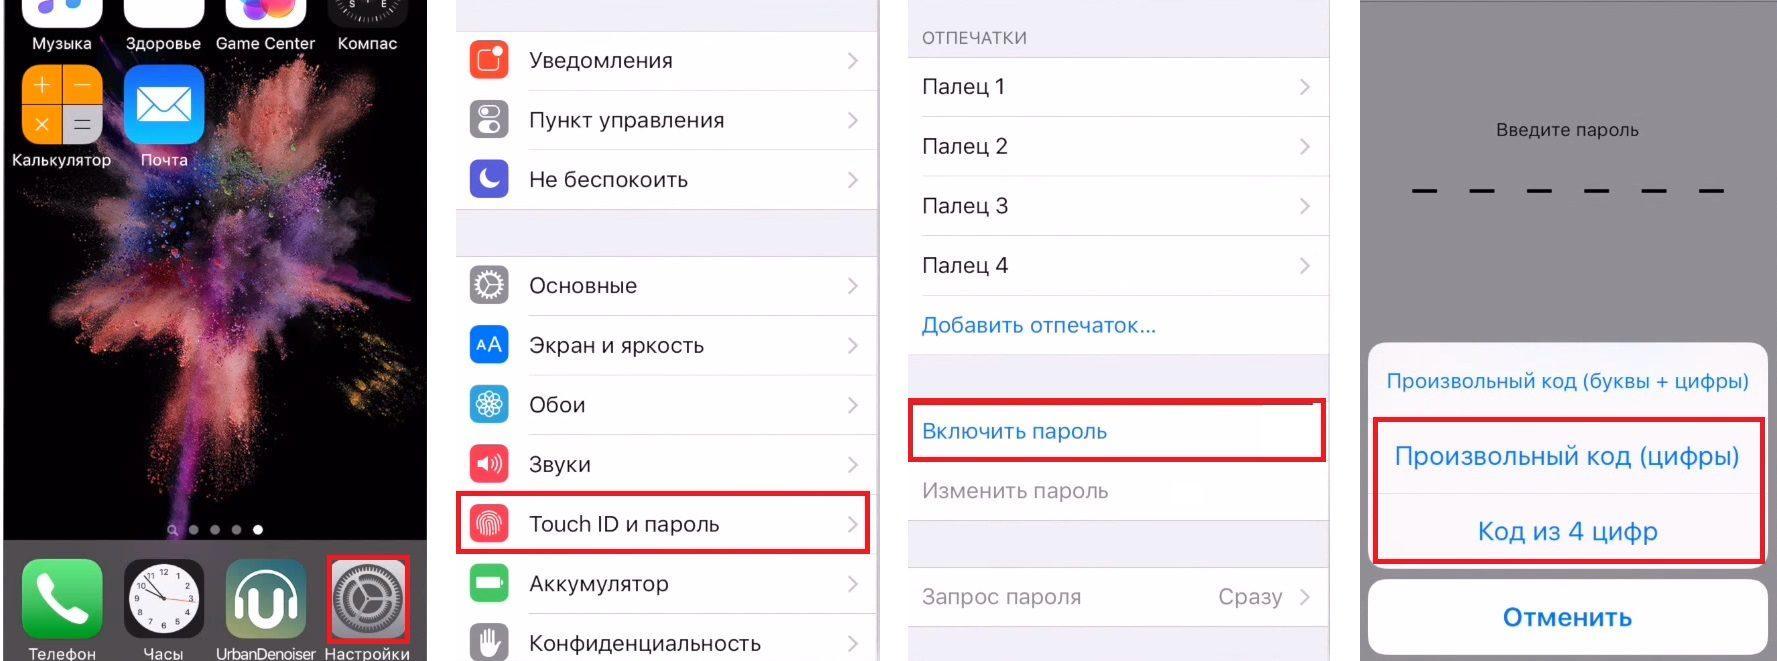 Как сделать скриншот на Айфоне: пошаговая инструкция